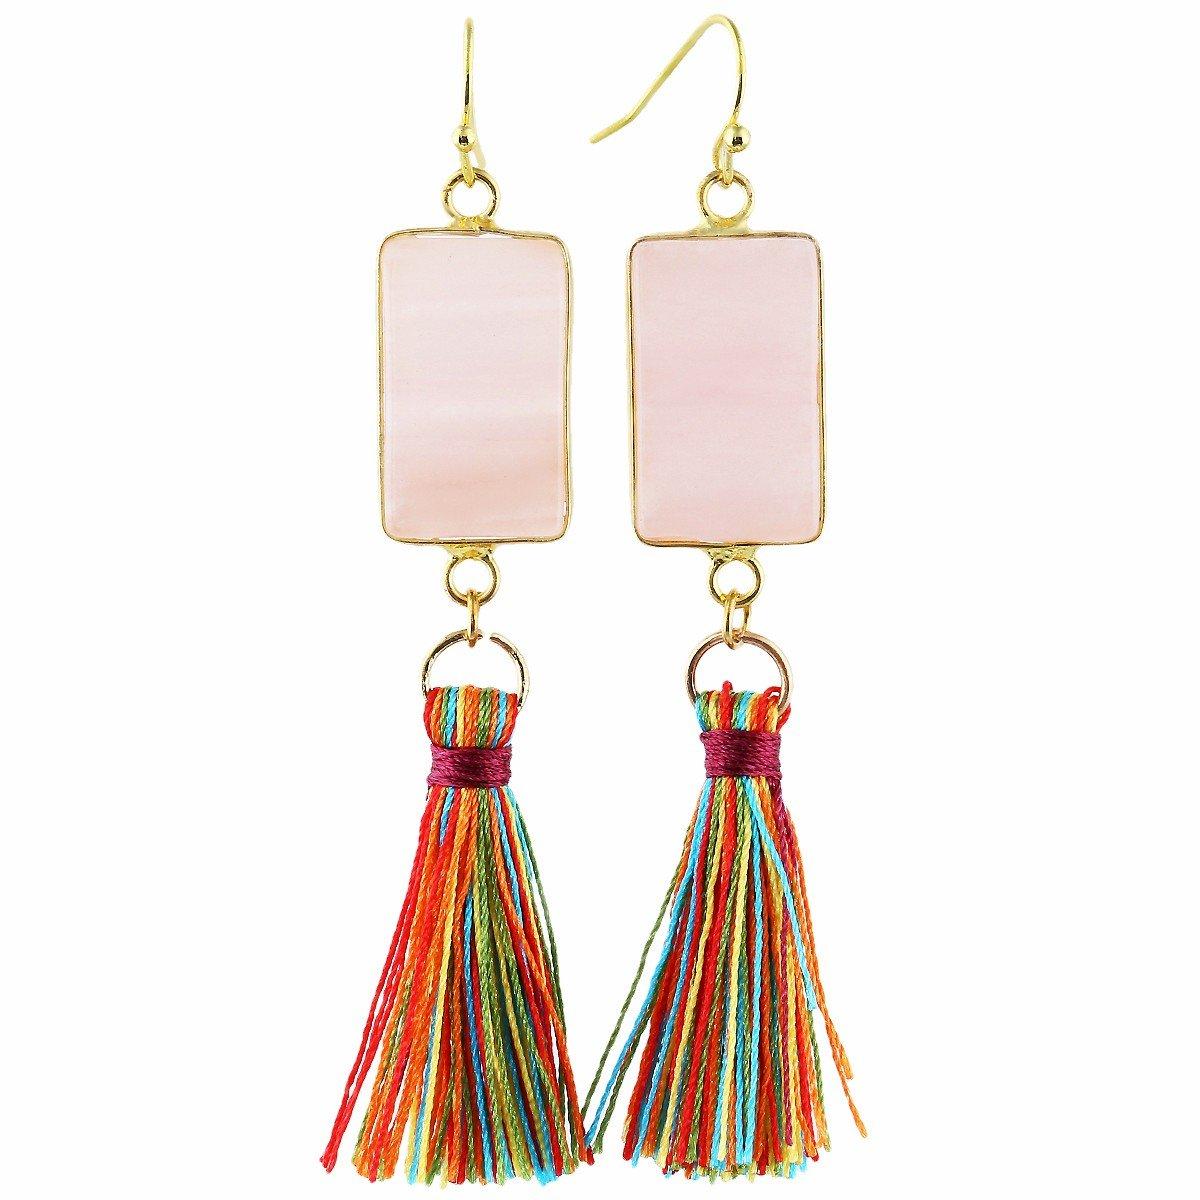 TUMBEELLUWA Tassel Dangle Earrings Handmade Healing Crystals Oblong Stone Drop Earrings for Women, Pink Crystal